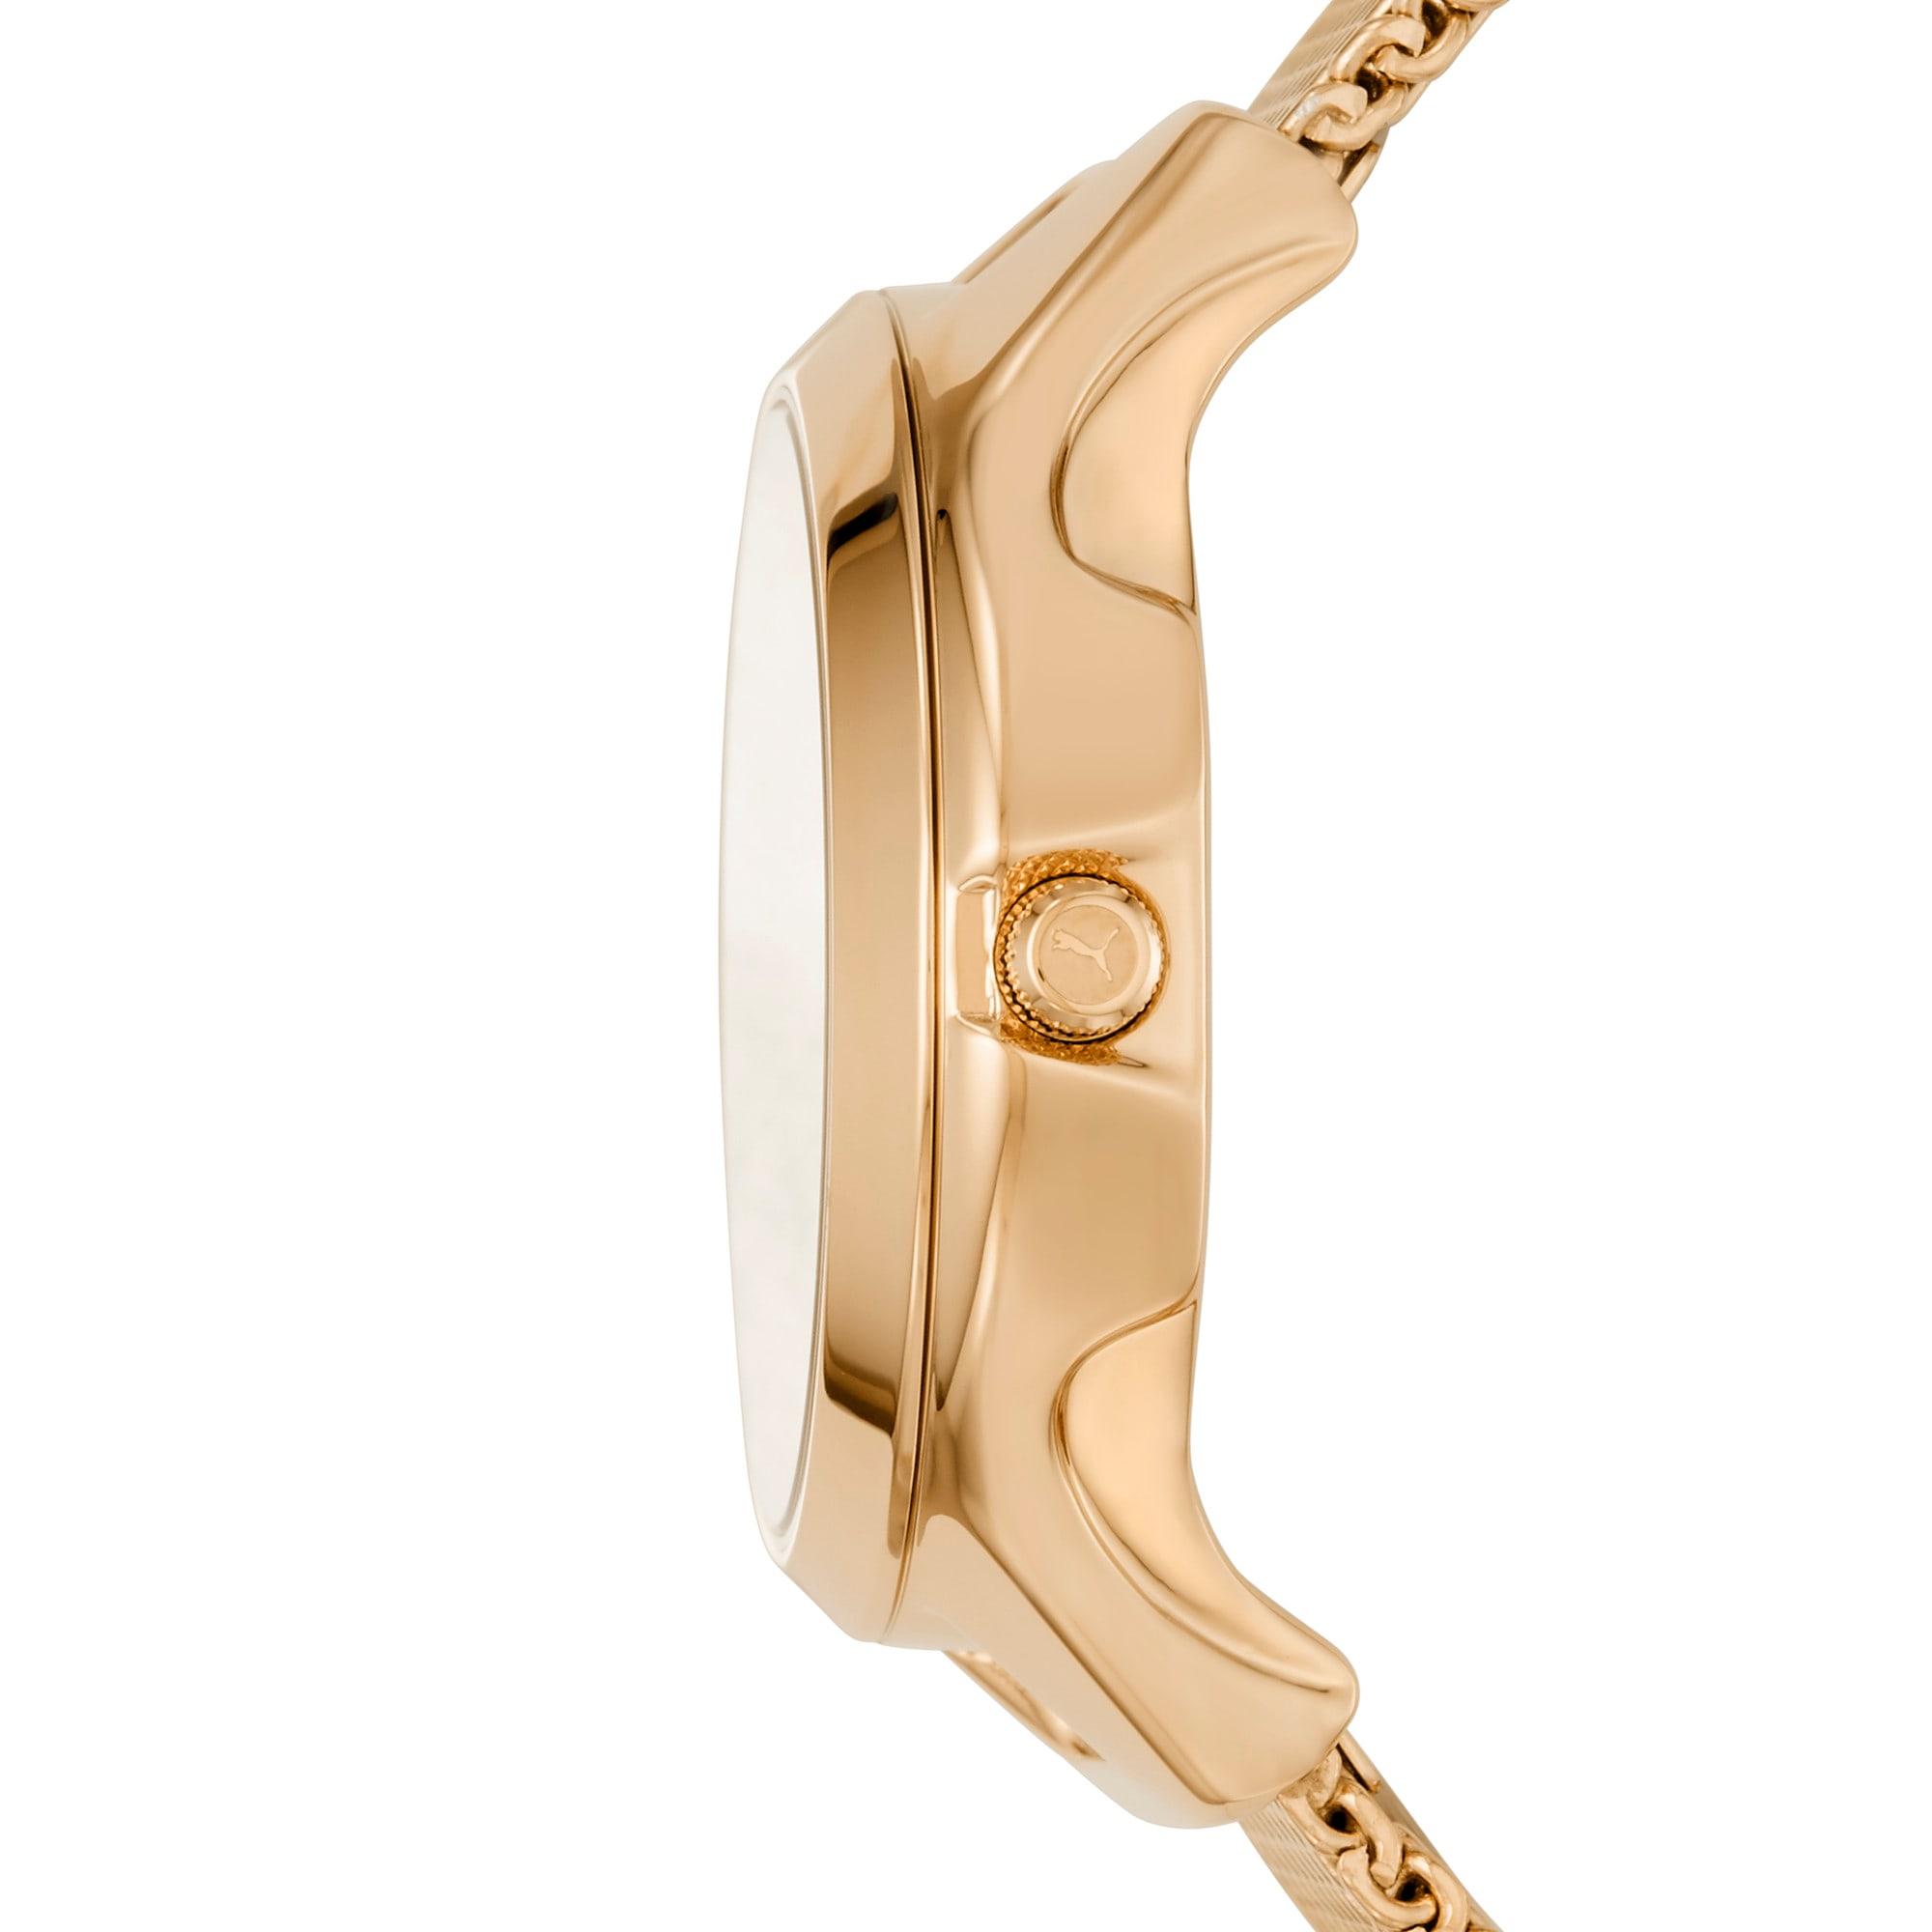 Thumbnail 3 of ウィメンズ リセット ステンレス スチール V1  時計, Gold/Gold, medium-JPN